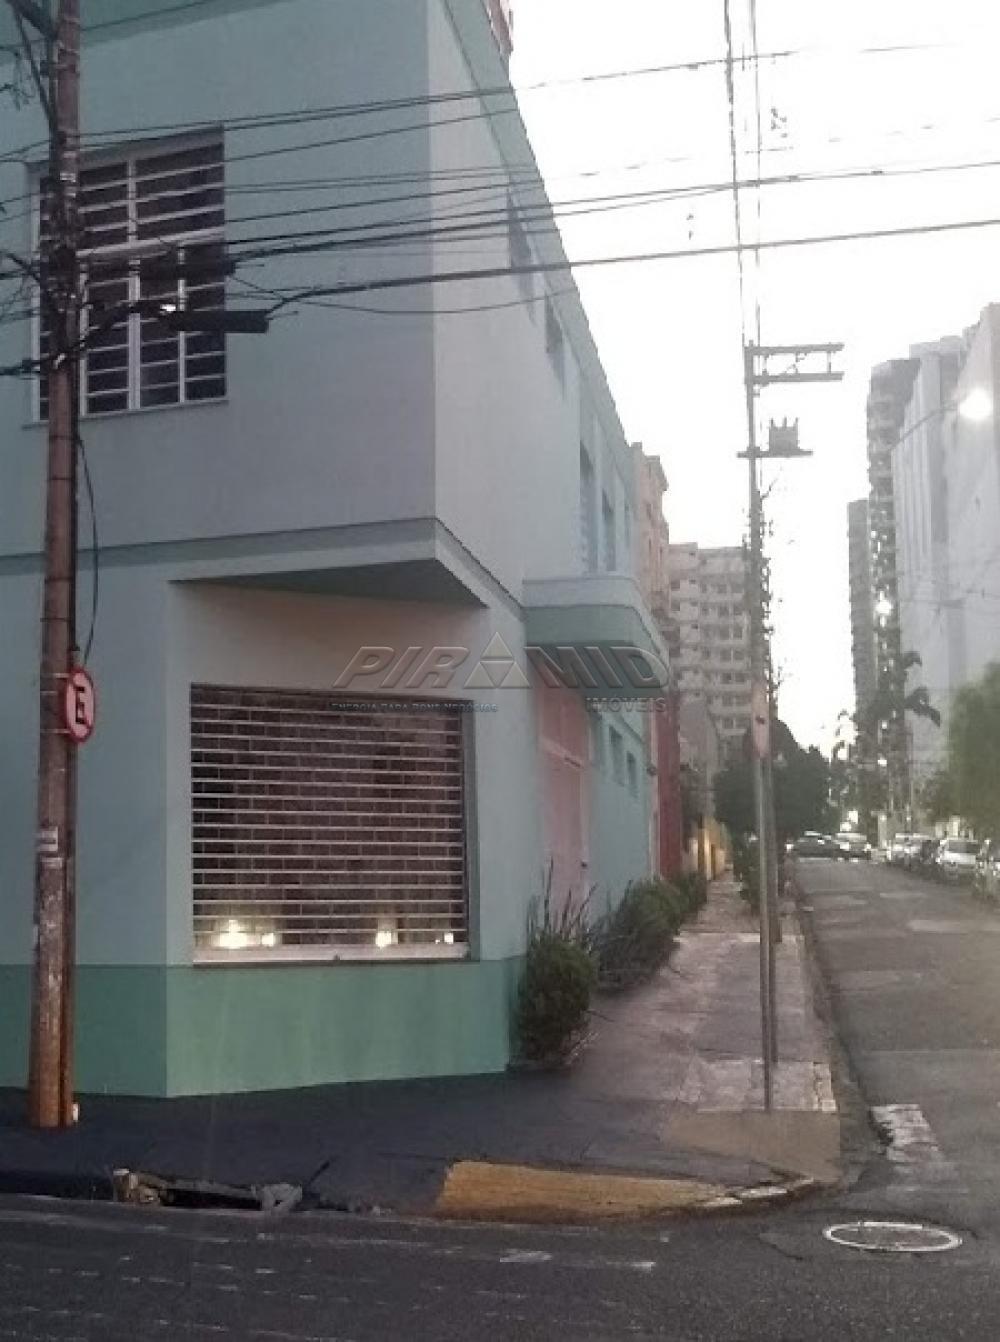 Alugar Comercial / Prédio em Ribeirão Preto apenas R$ 10.000,00 - Foto 4